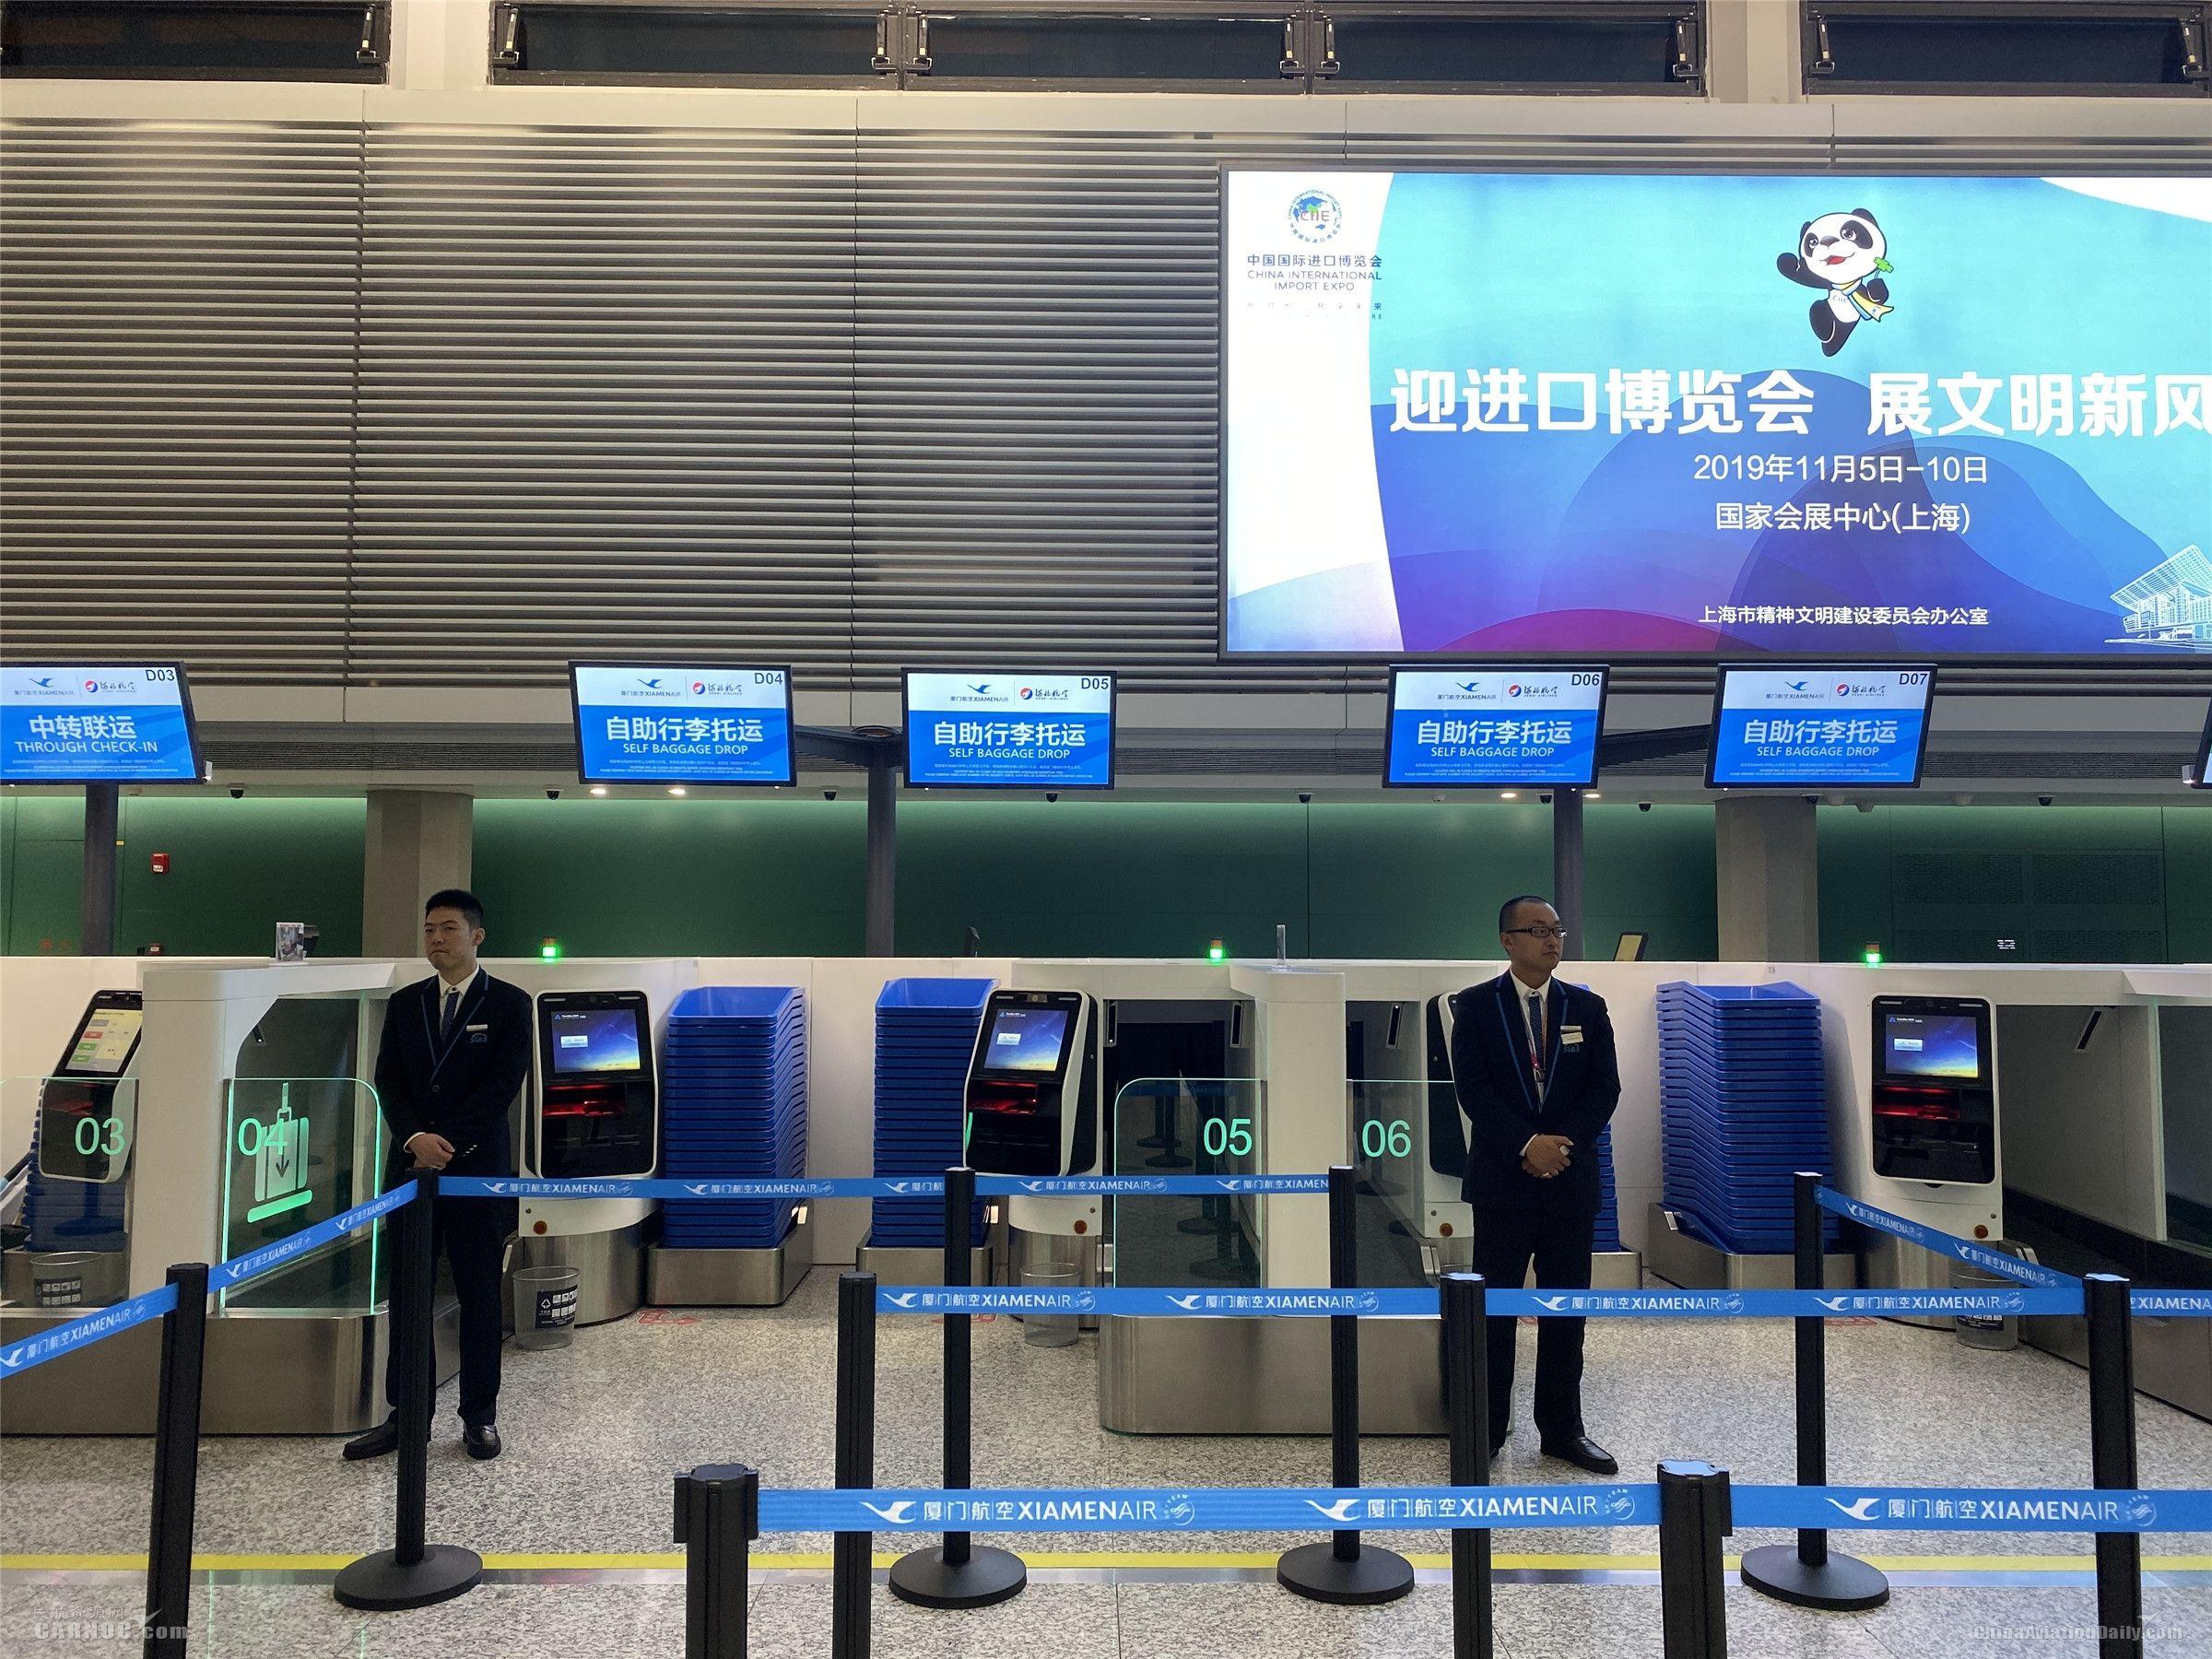 厦航、河北航在上海虹桥机场统一转至1号航站楼运行